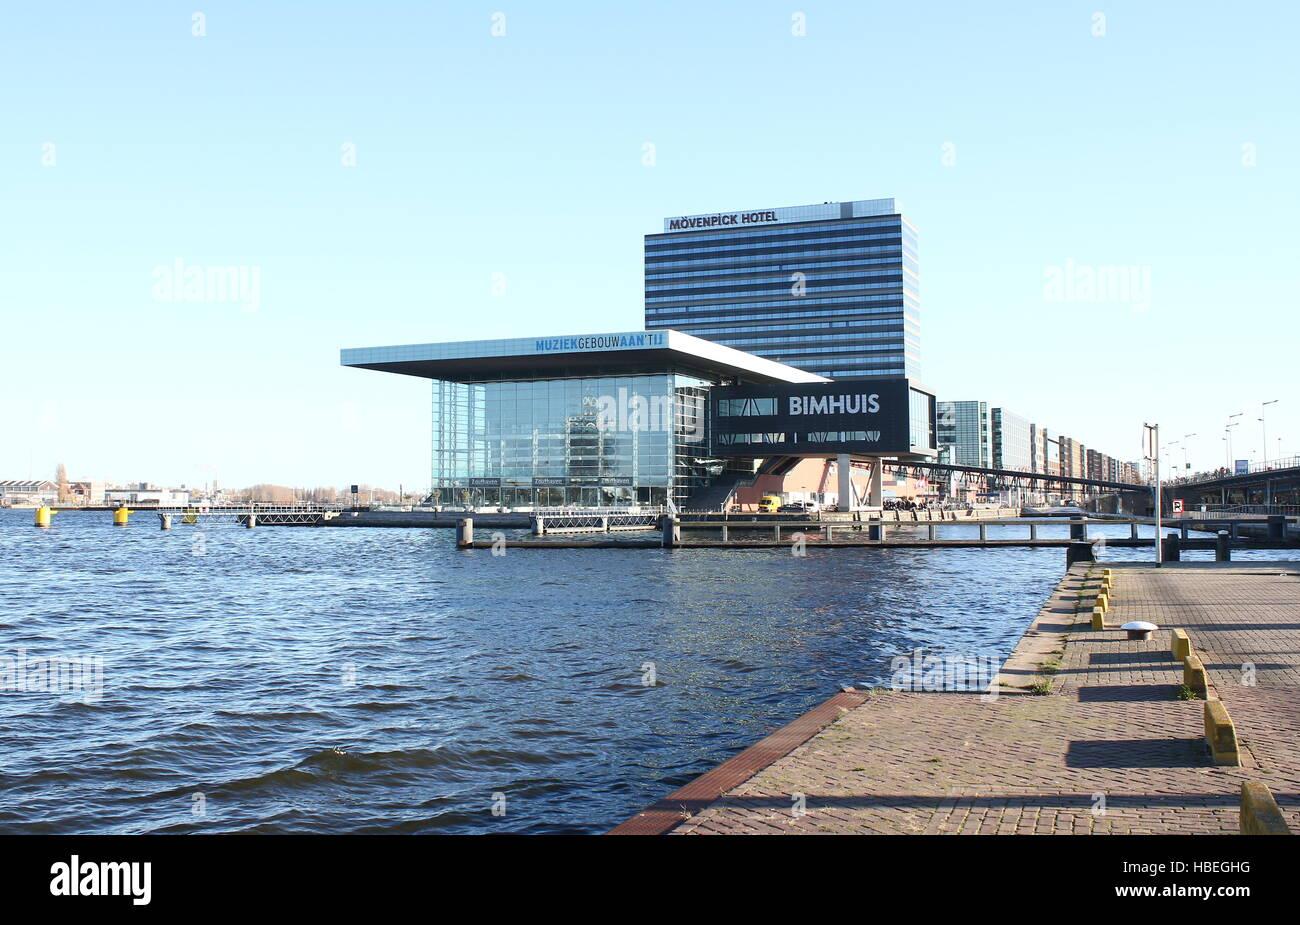 Concert Hall Muziekgebouw aan 't IJ (Classical Music) & Bimhuis (Jazz) at  IJ river, Amsterdam, Netherlands - Stock Image